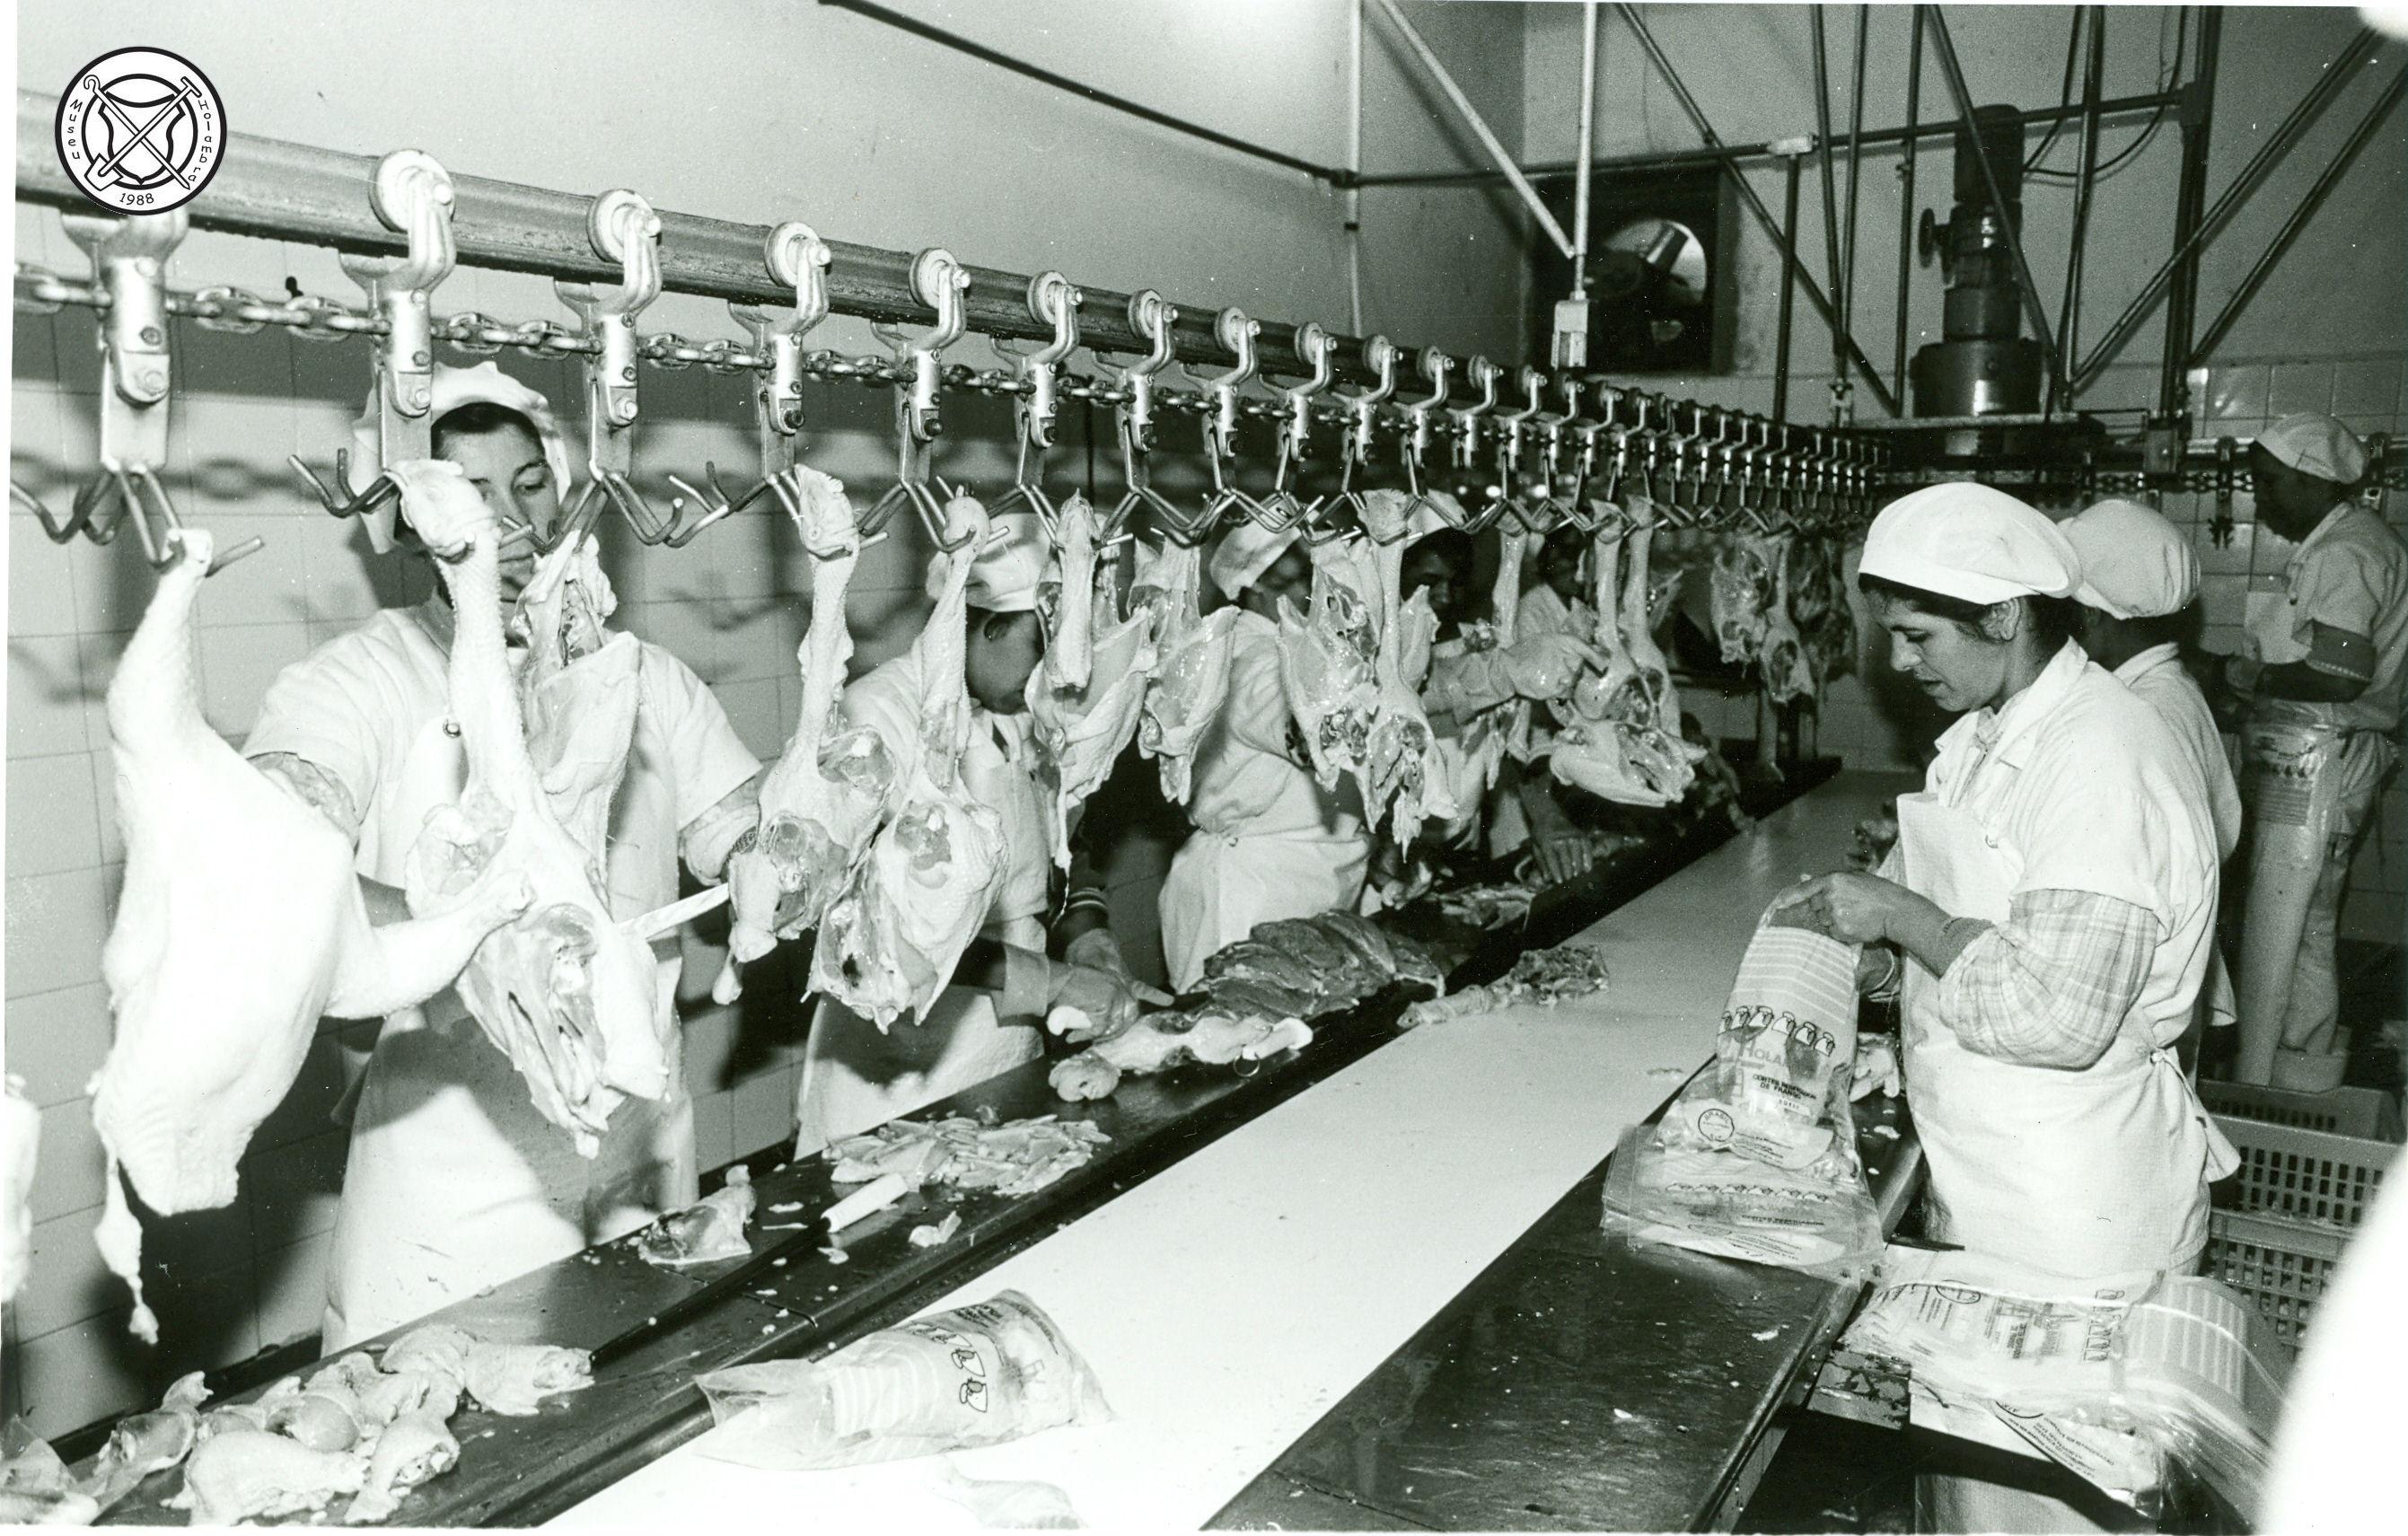 Snijafdeling van de kippenslachterij